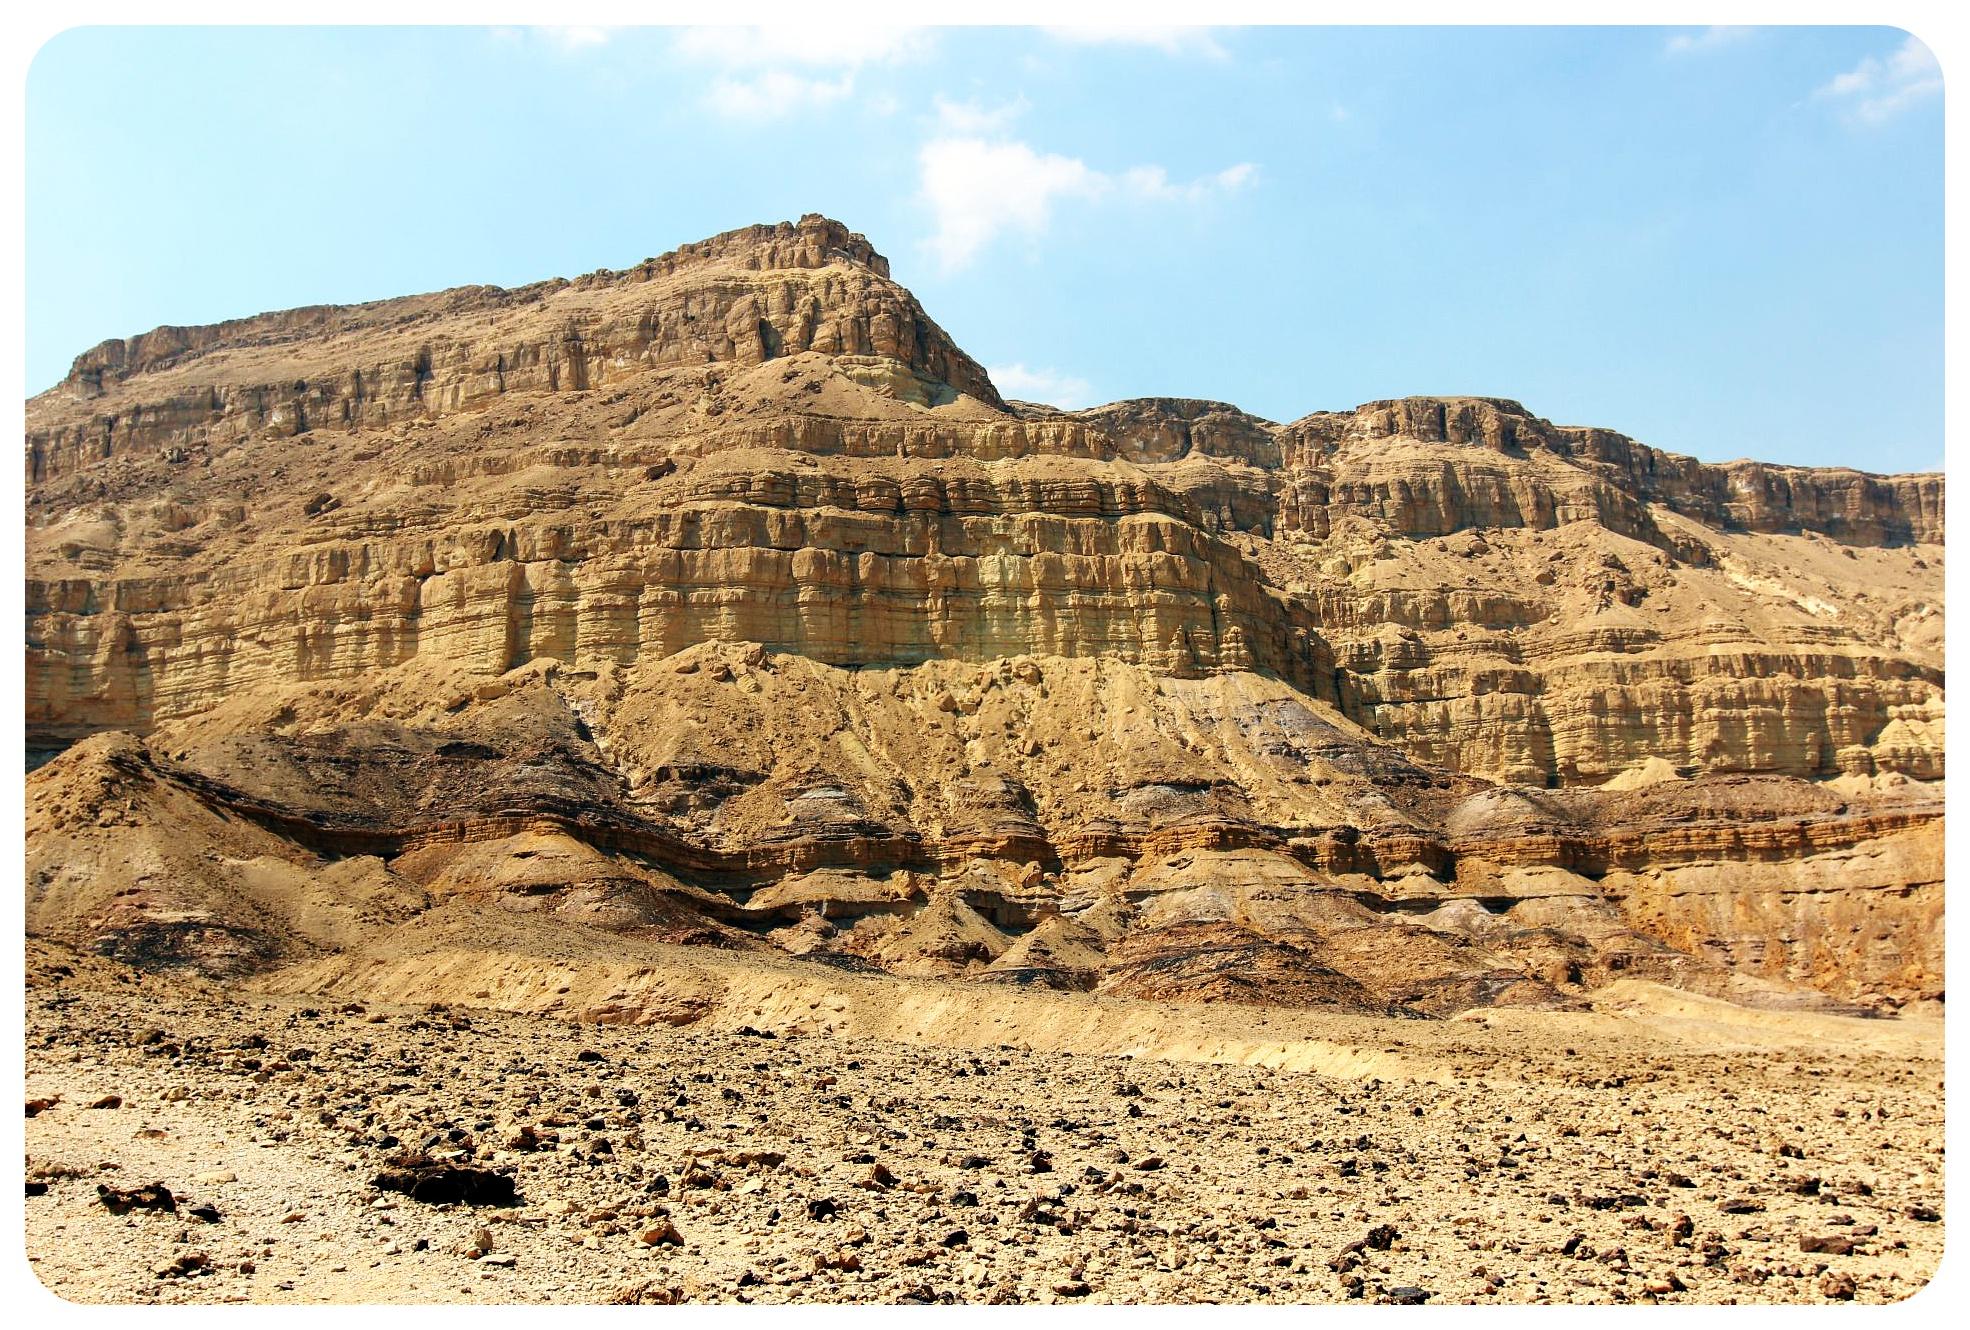 makhtesh katan crater wall israel